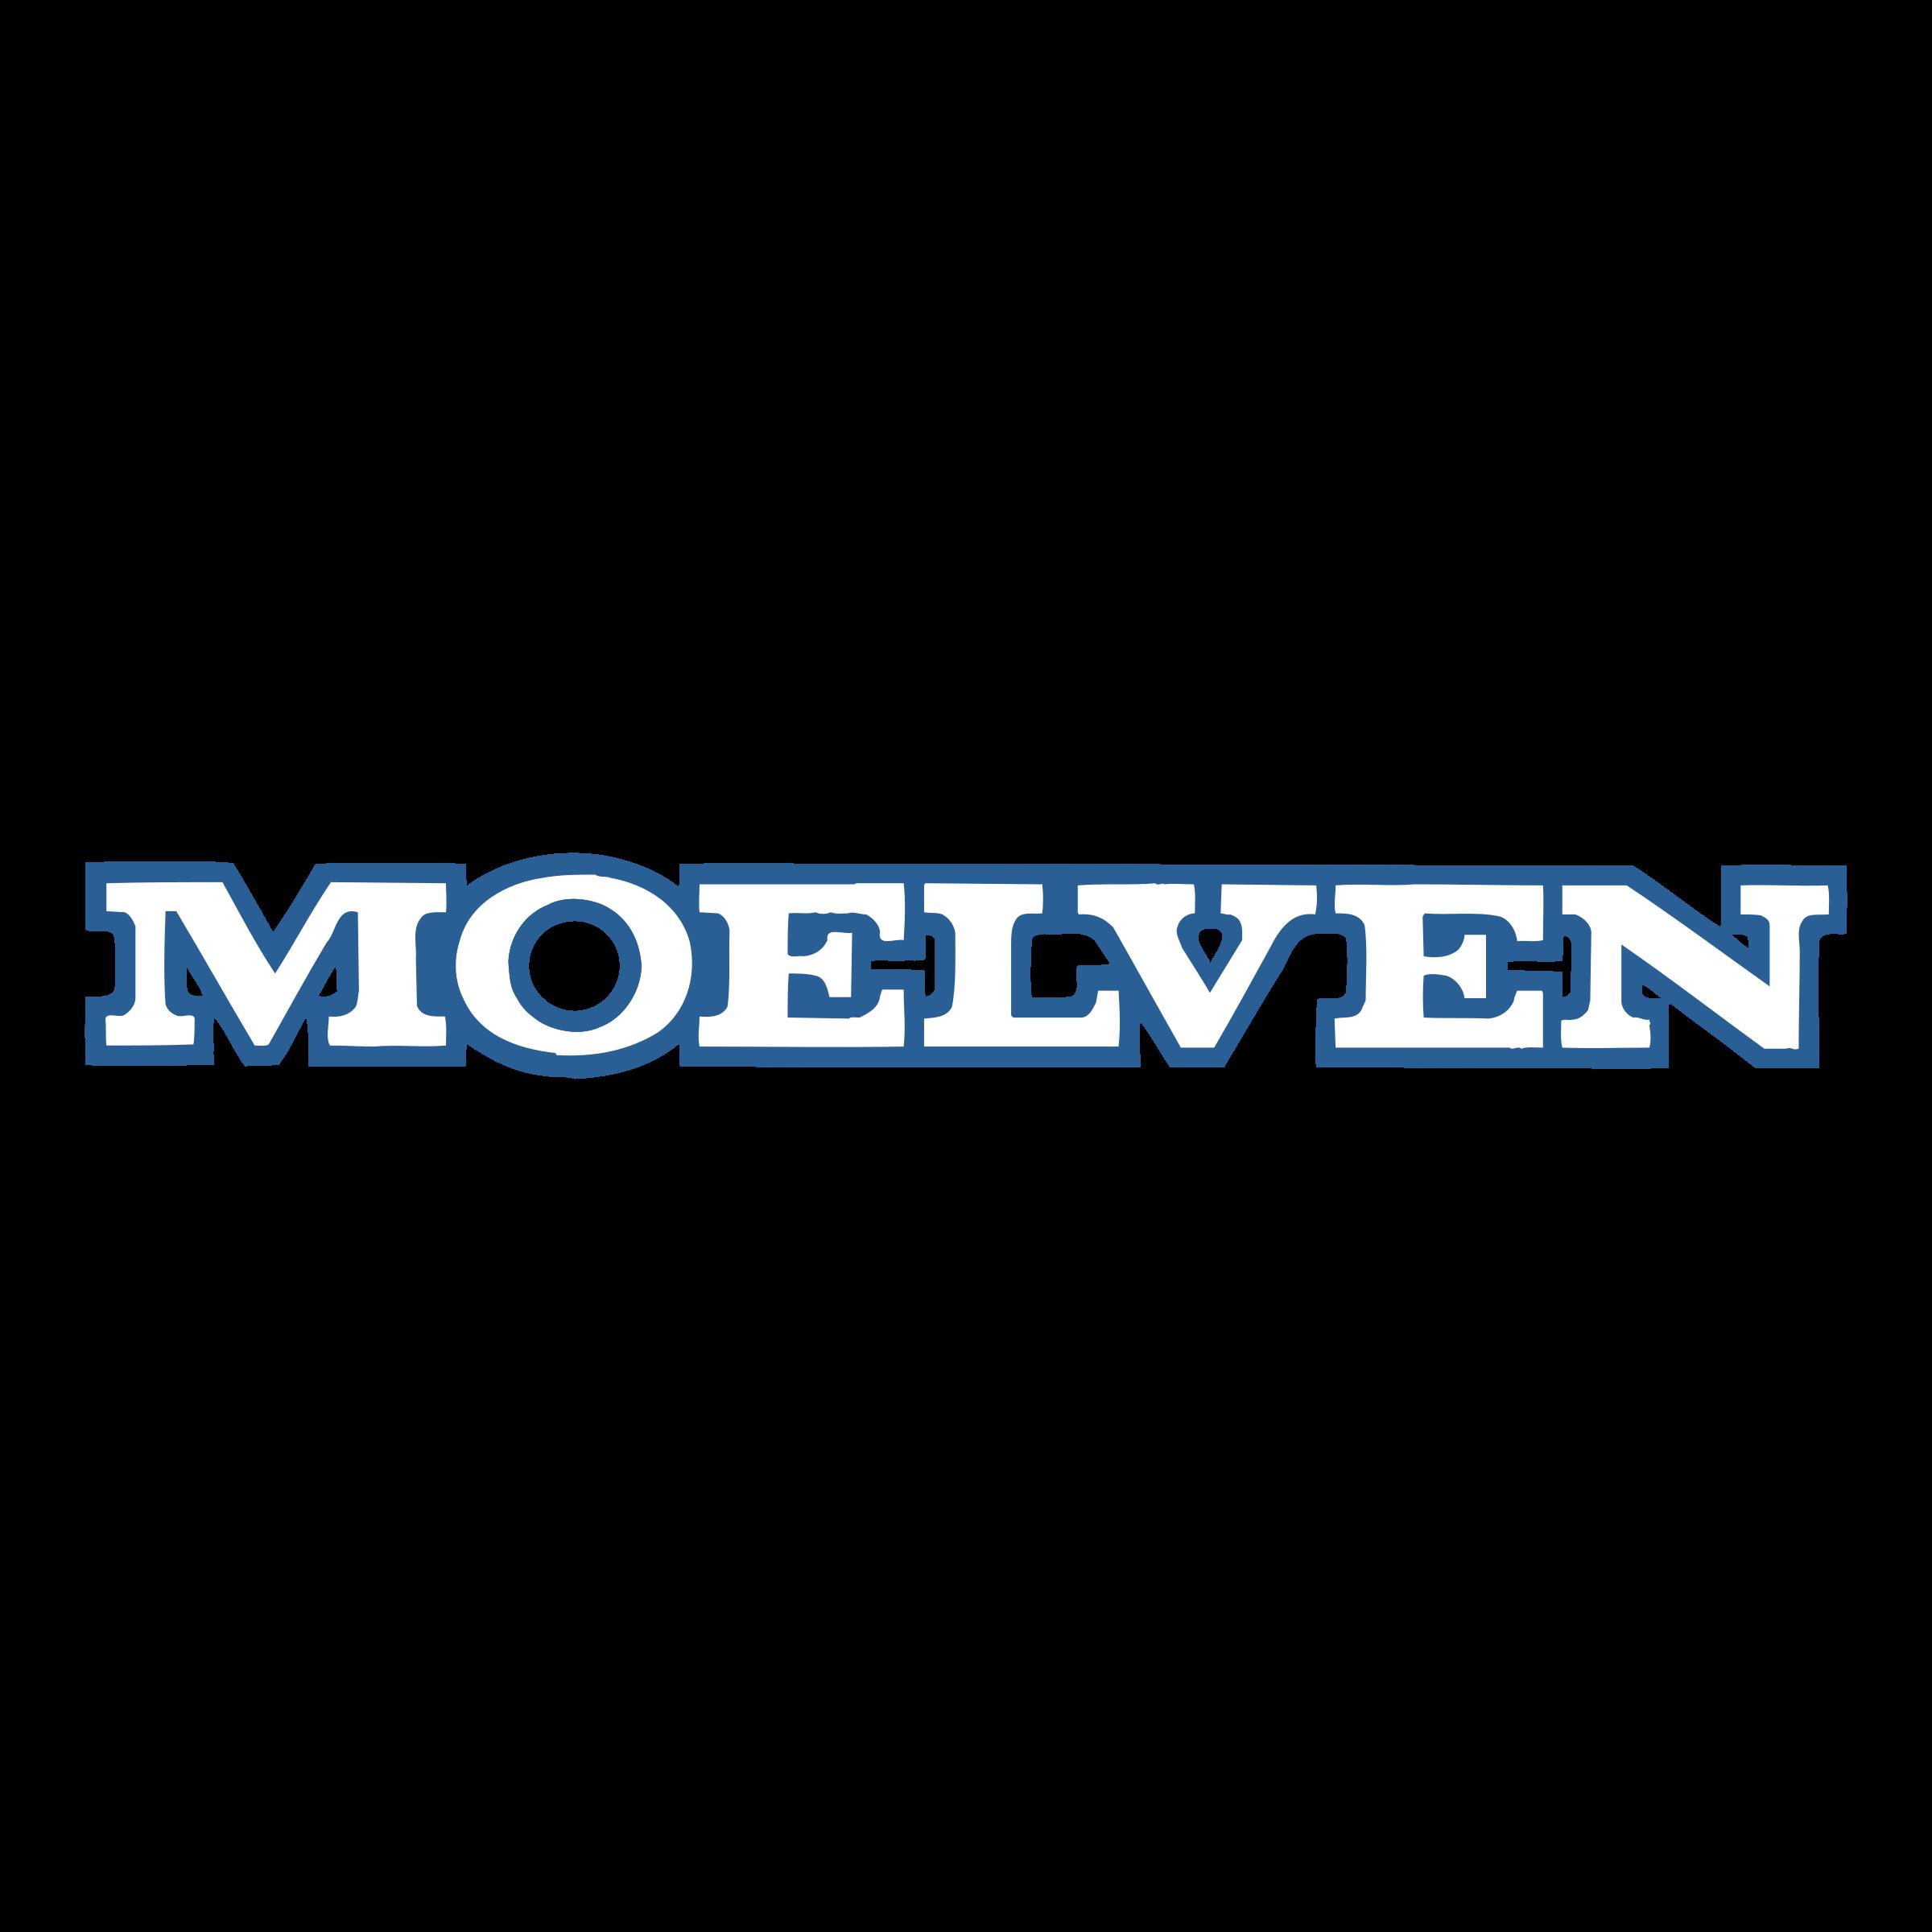 moelven-logo-png-transparent